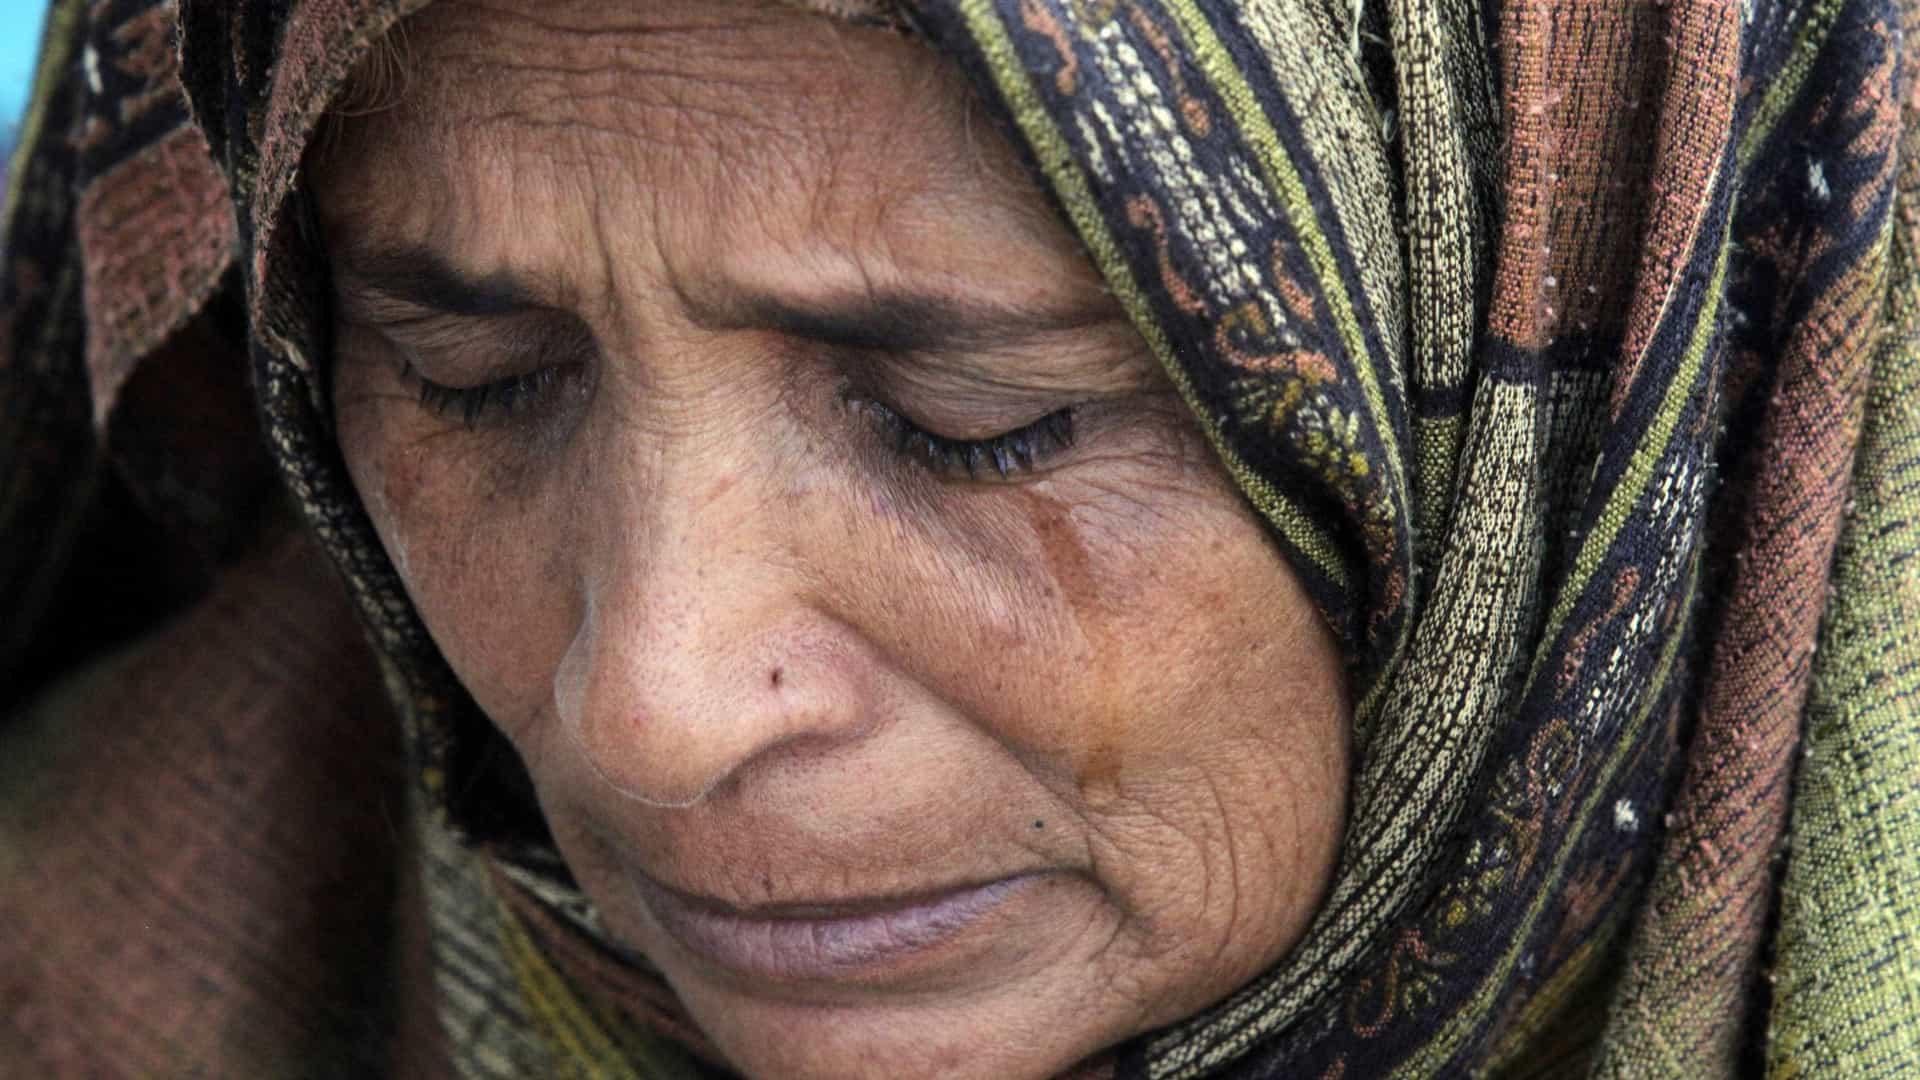 Mulheres são apedrejadas em marcha do 8 de Março no Paquistão